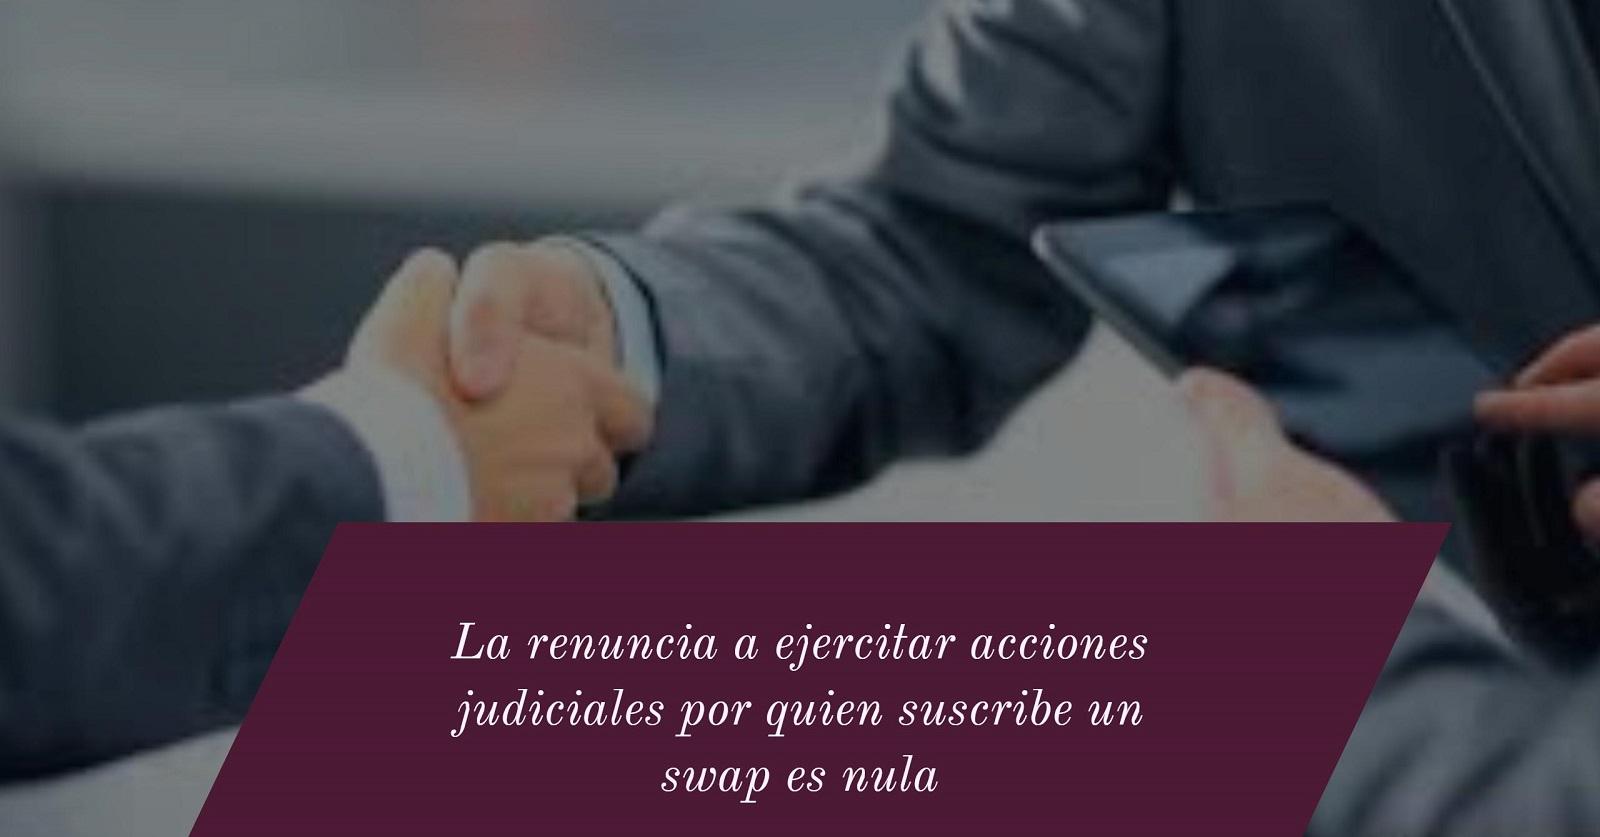 la-renuncia-a-ejercitar-acciones-judiciales-por-quien-suscribe-un-swap-es-nula-facebook-2